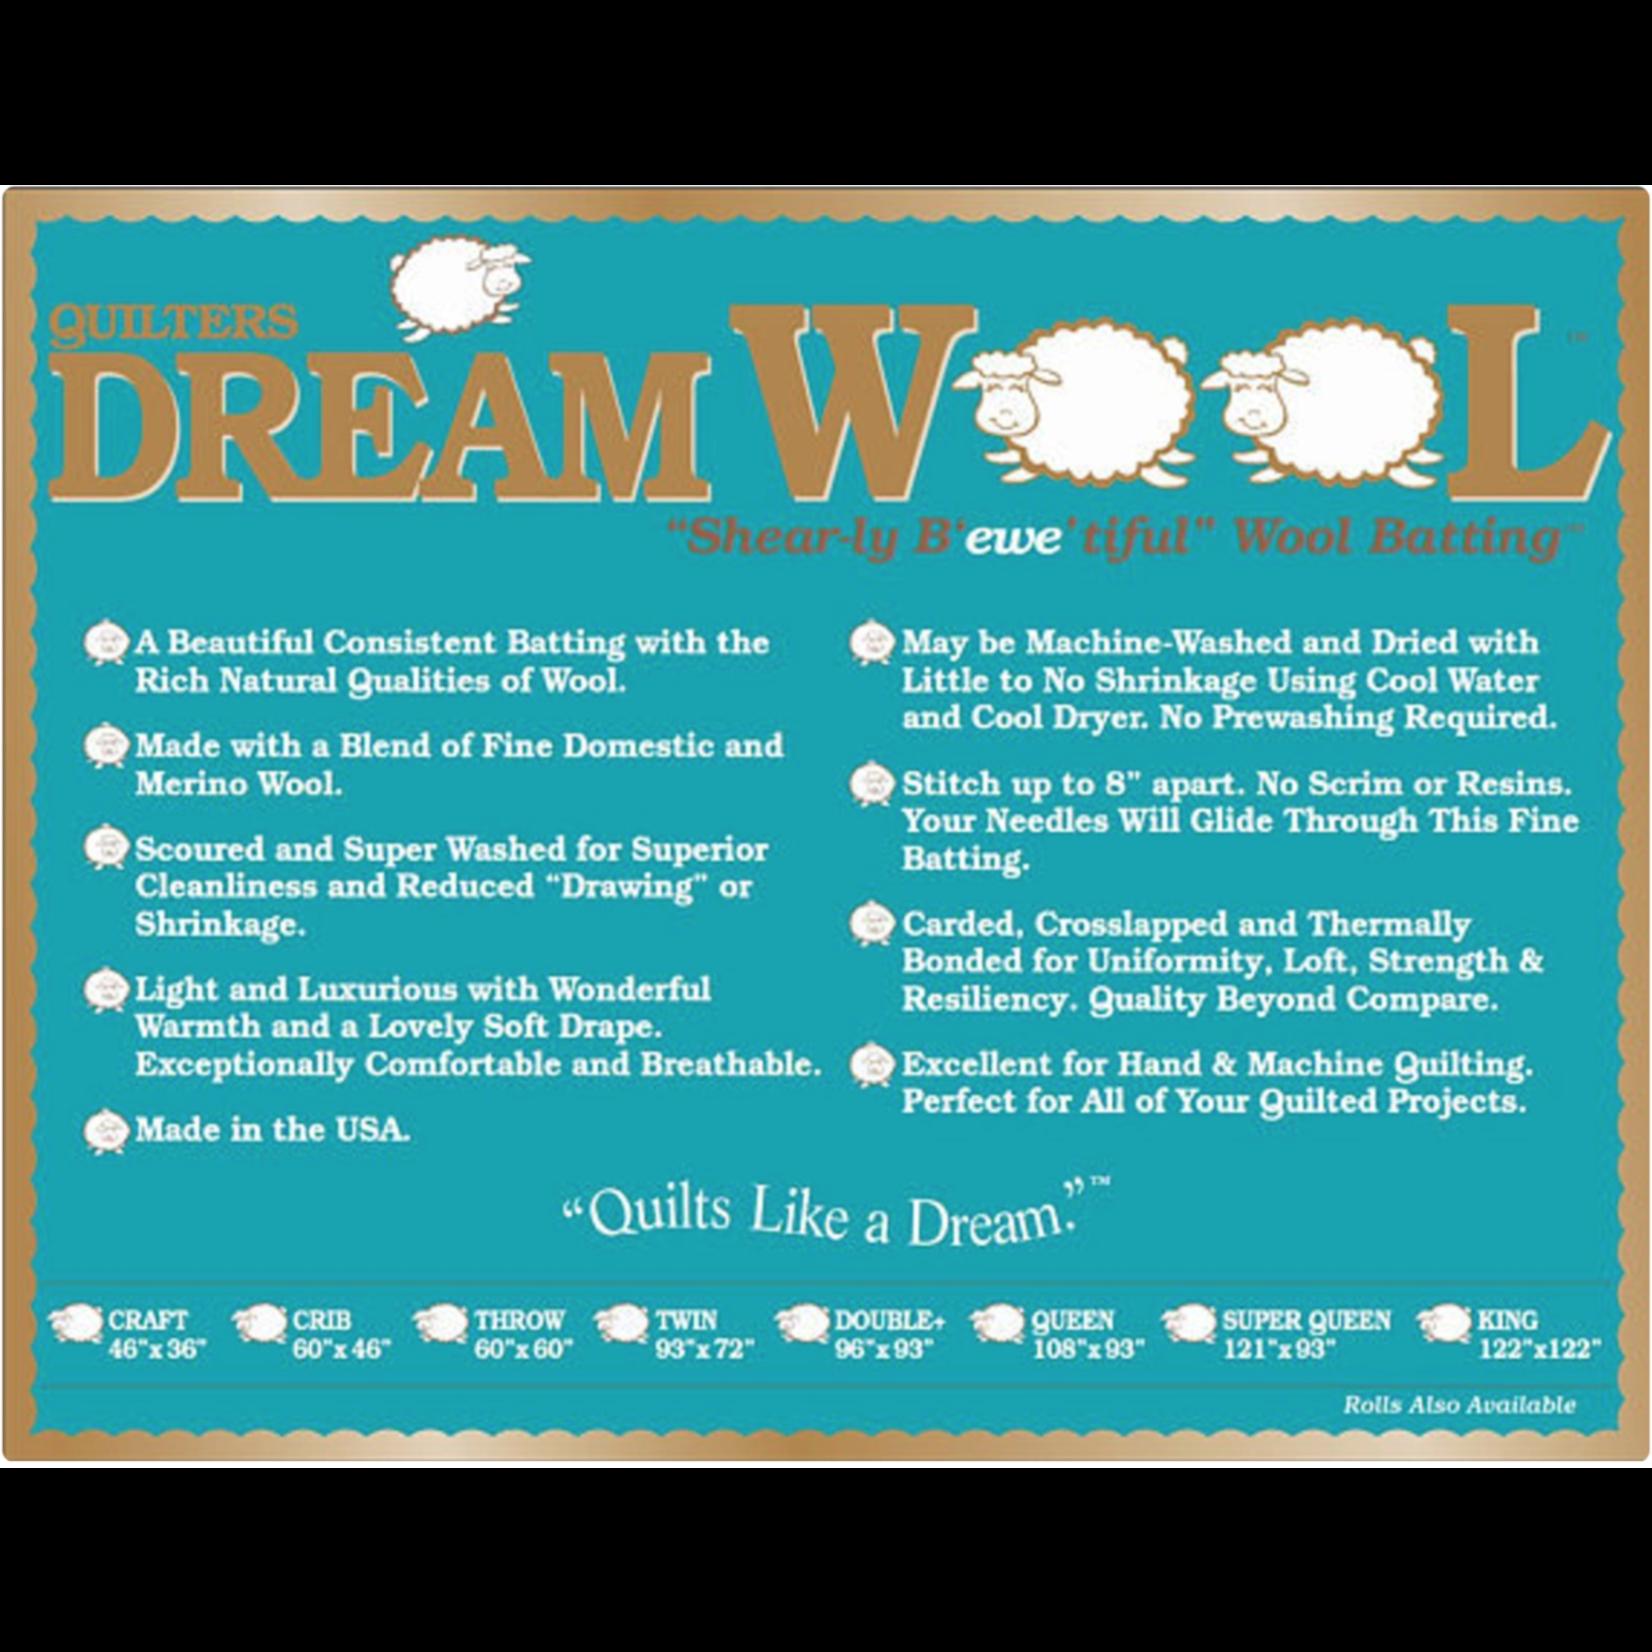 DREAM COTTON DREAM WOOL CRAFT